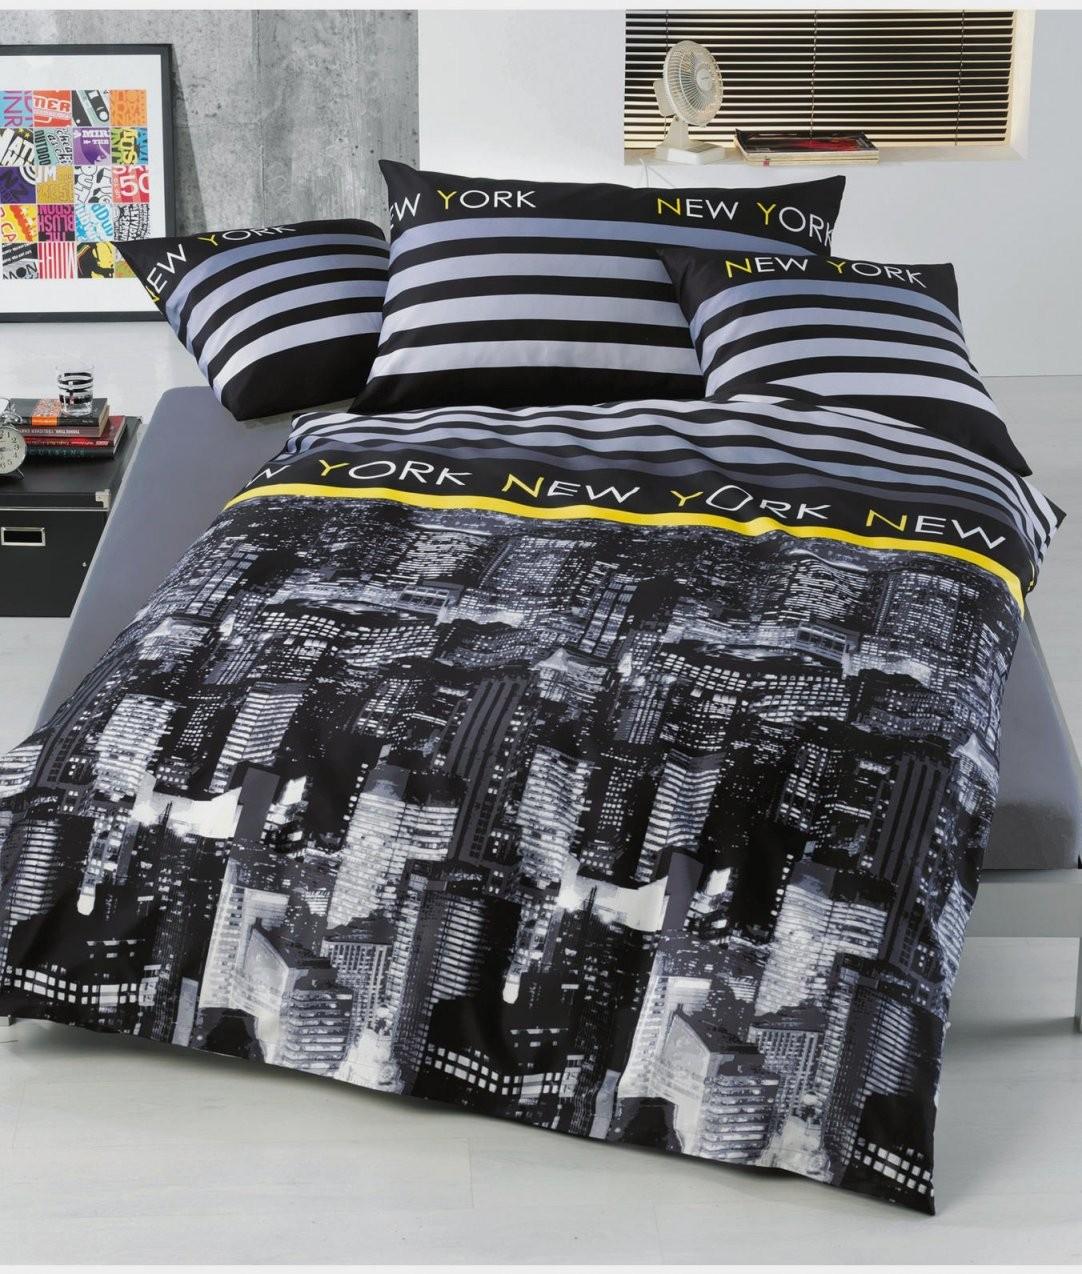 Coole Bettwäsche Für Teenager  Dekorieren Bei Das Haus von Bettwäsche Für Teenager Bild